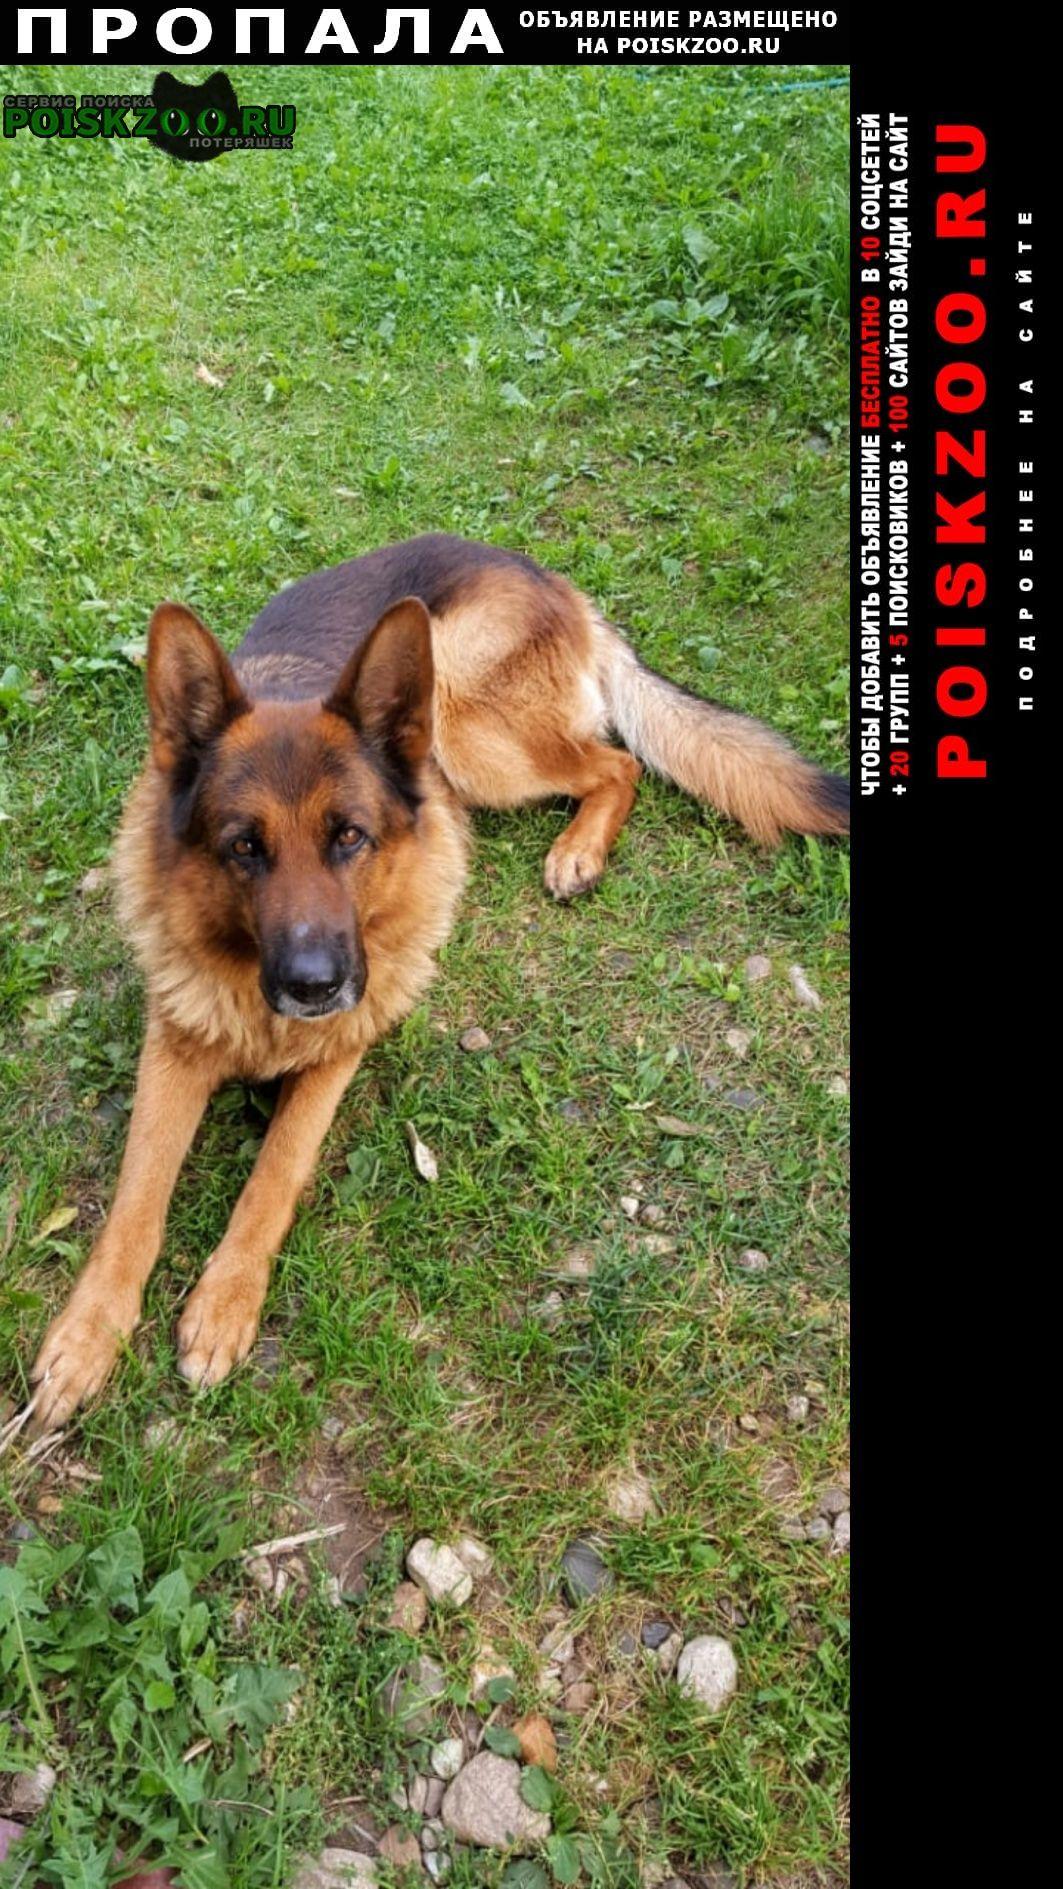 Пропала собака кобель немецкой овчарки, клеймо в ухе Мытищи